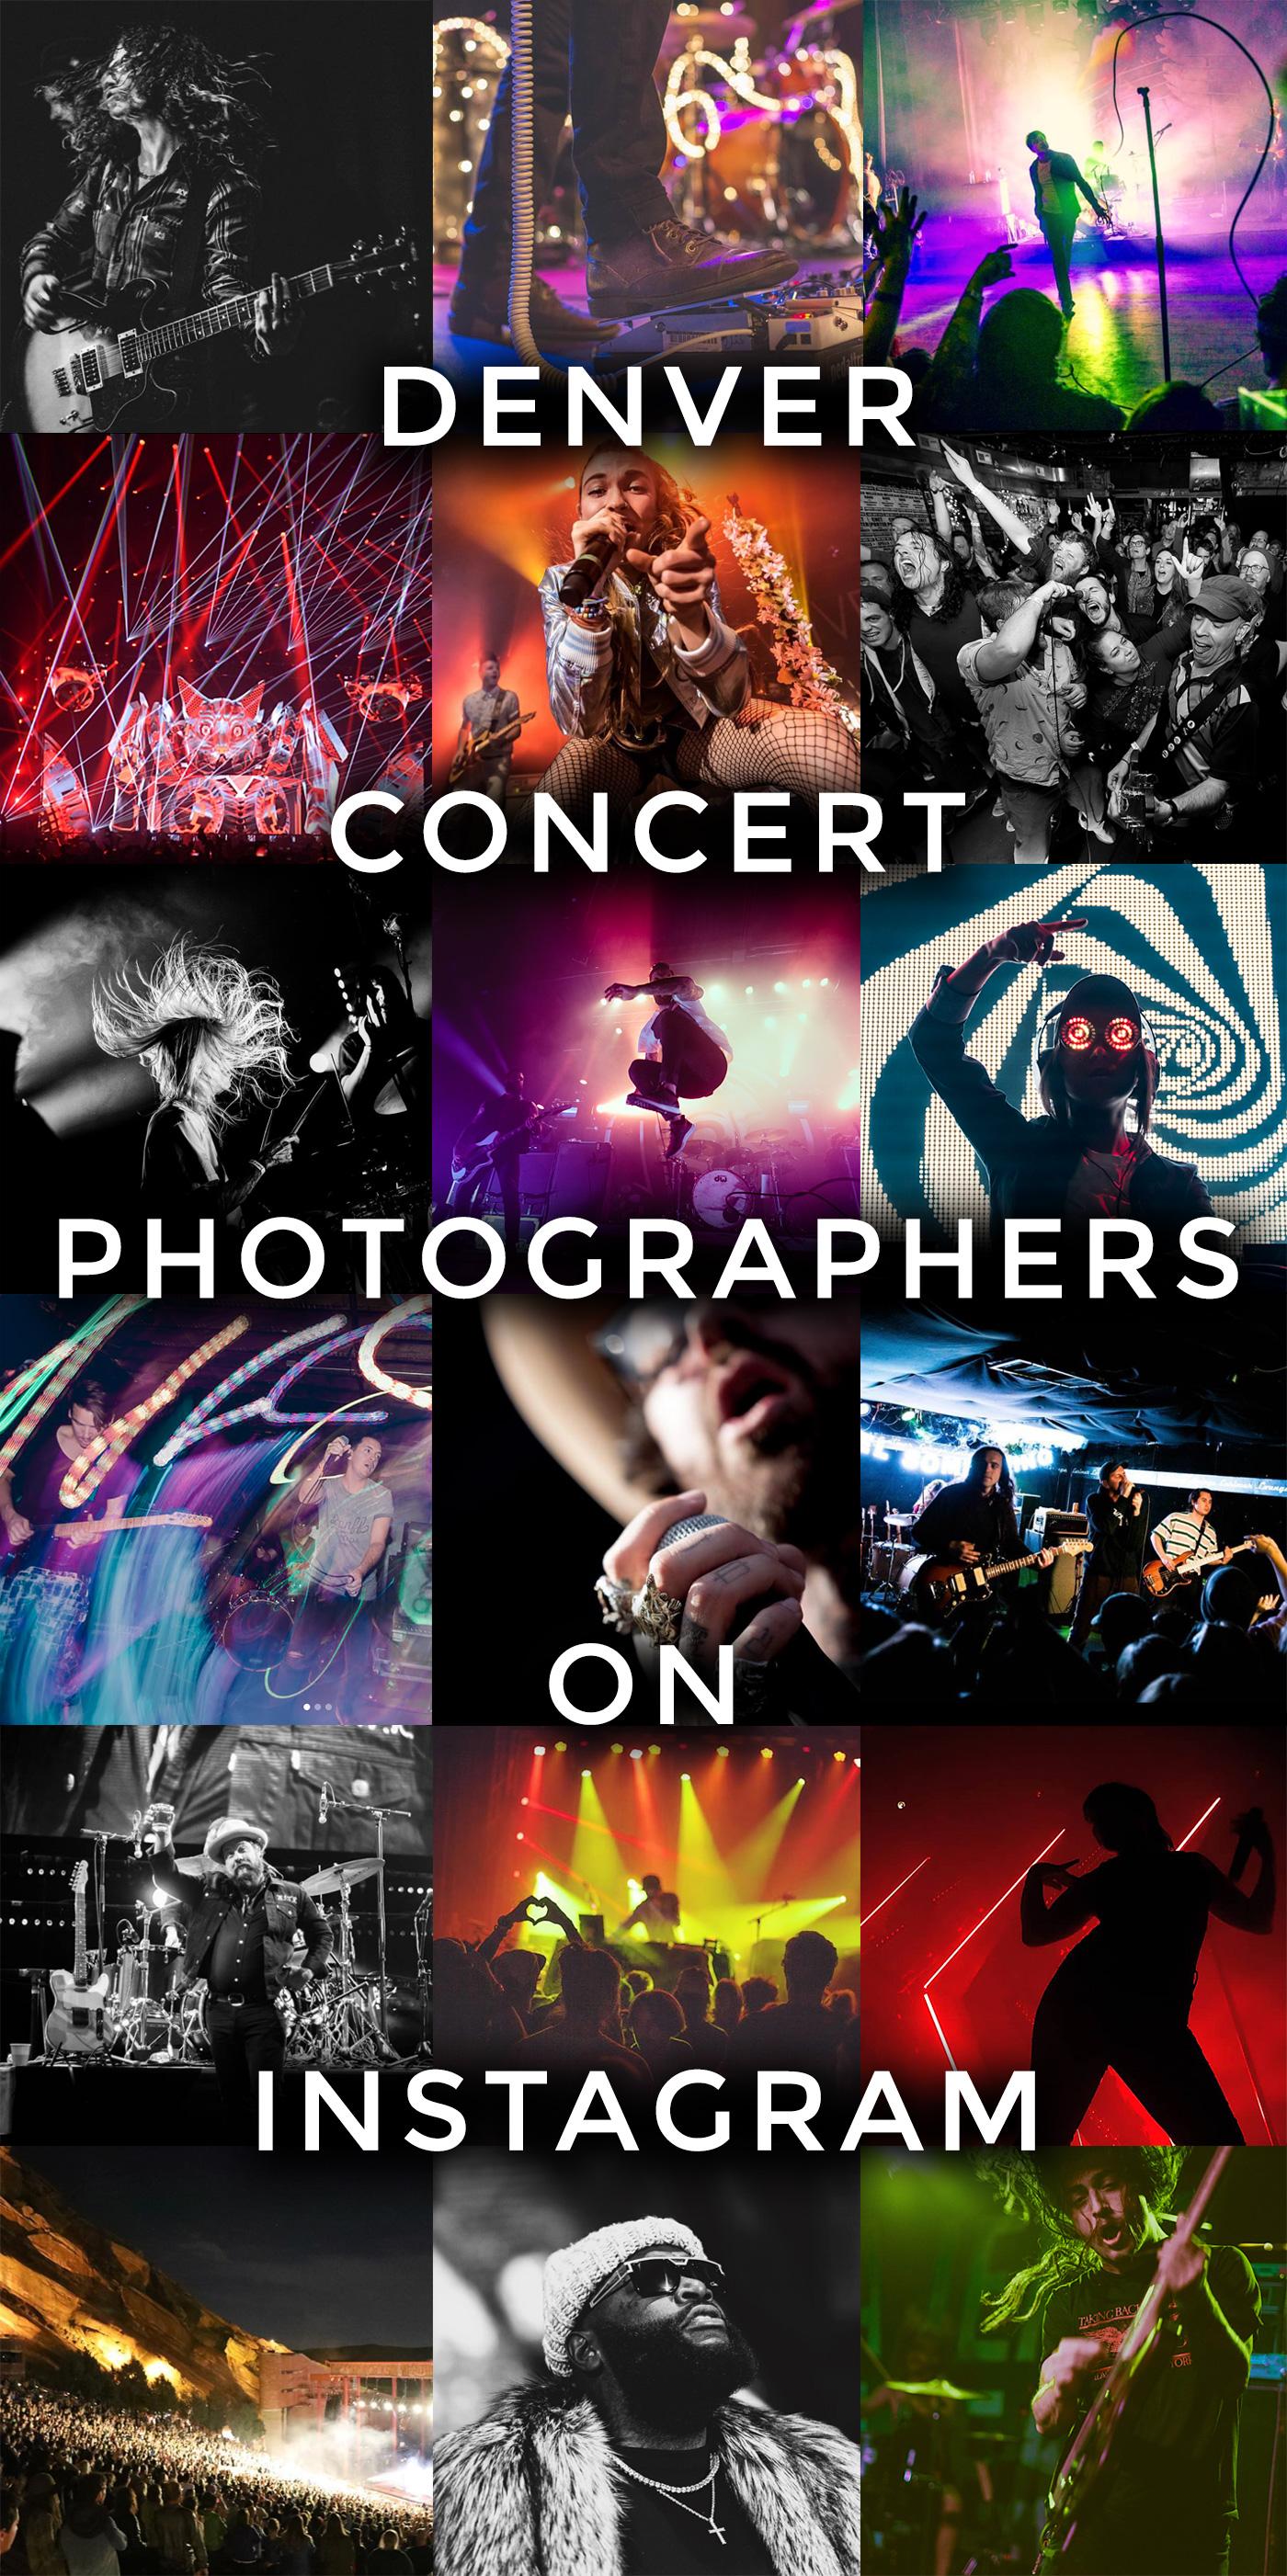 List of Denver Concert Photographers on Instagram #music #concerts #photography #denver